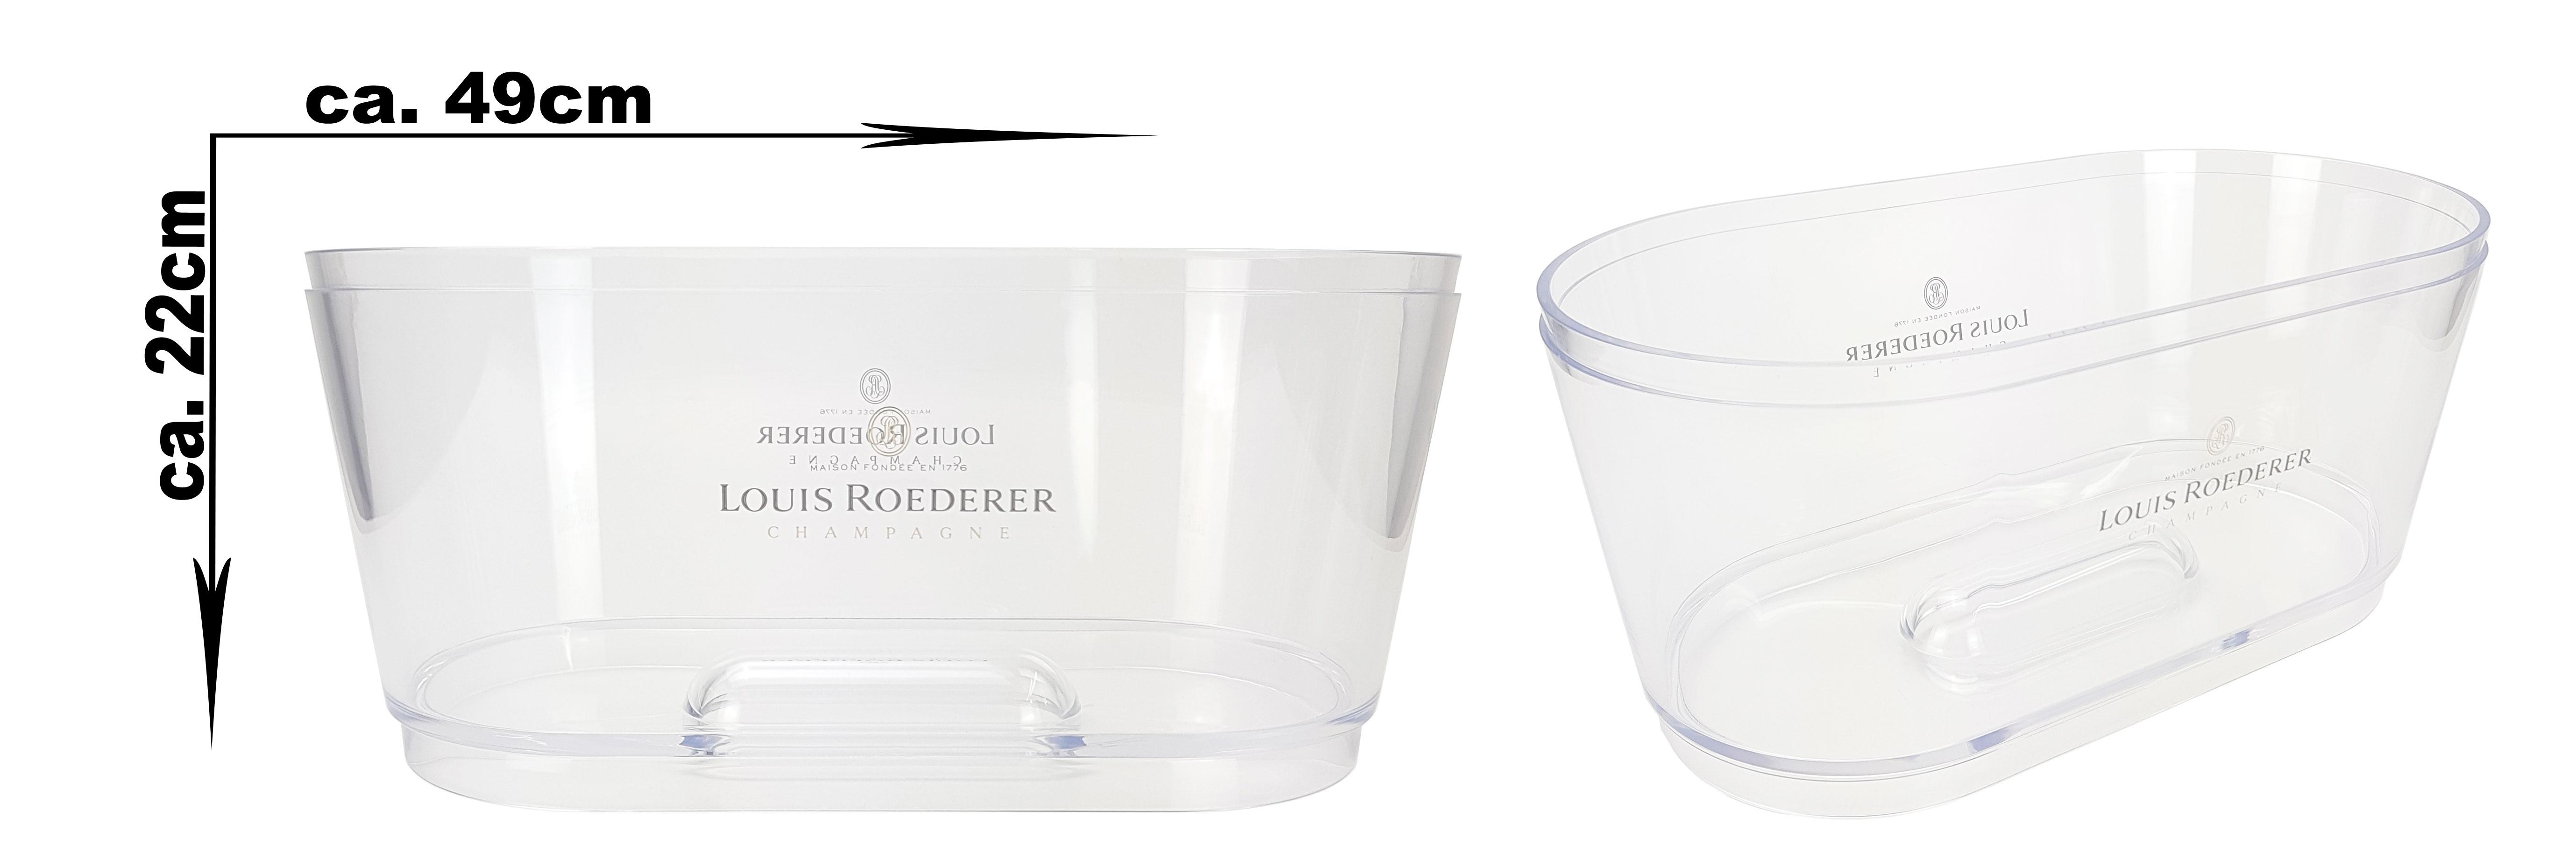 Louis Roederer Champagner Kühler Flaschenkühler Eiskühler Getränkekühler Bar transparent - ca. 49x22cm